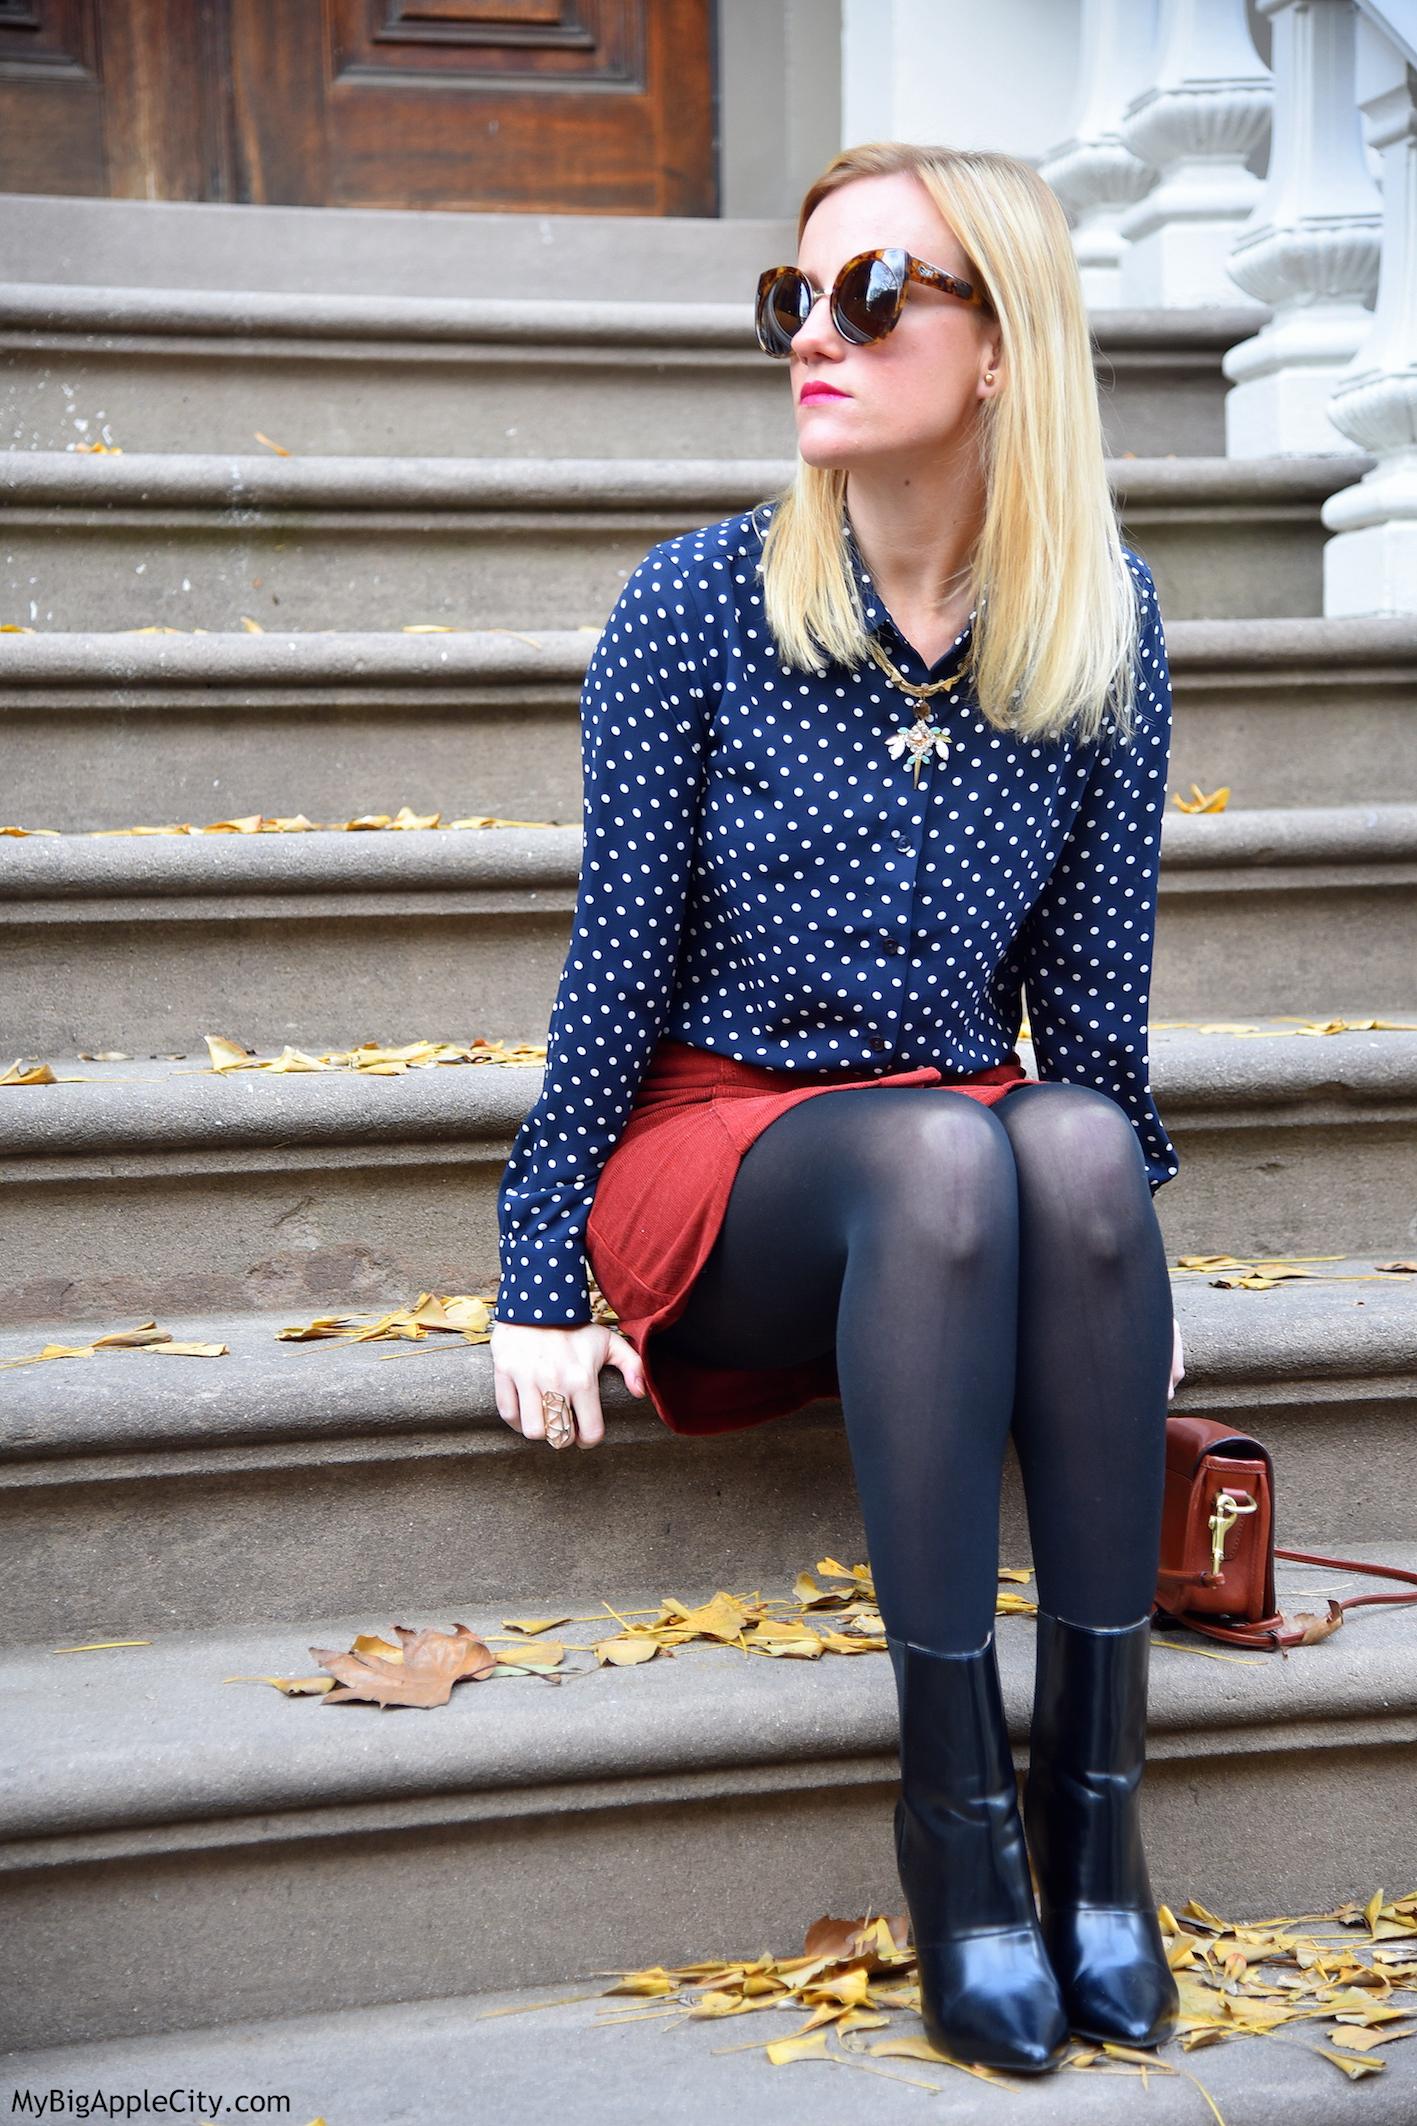 Mode-New-York-blogueuse-OOTD-Lookbook-mybigapplecity